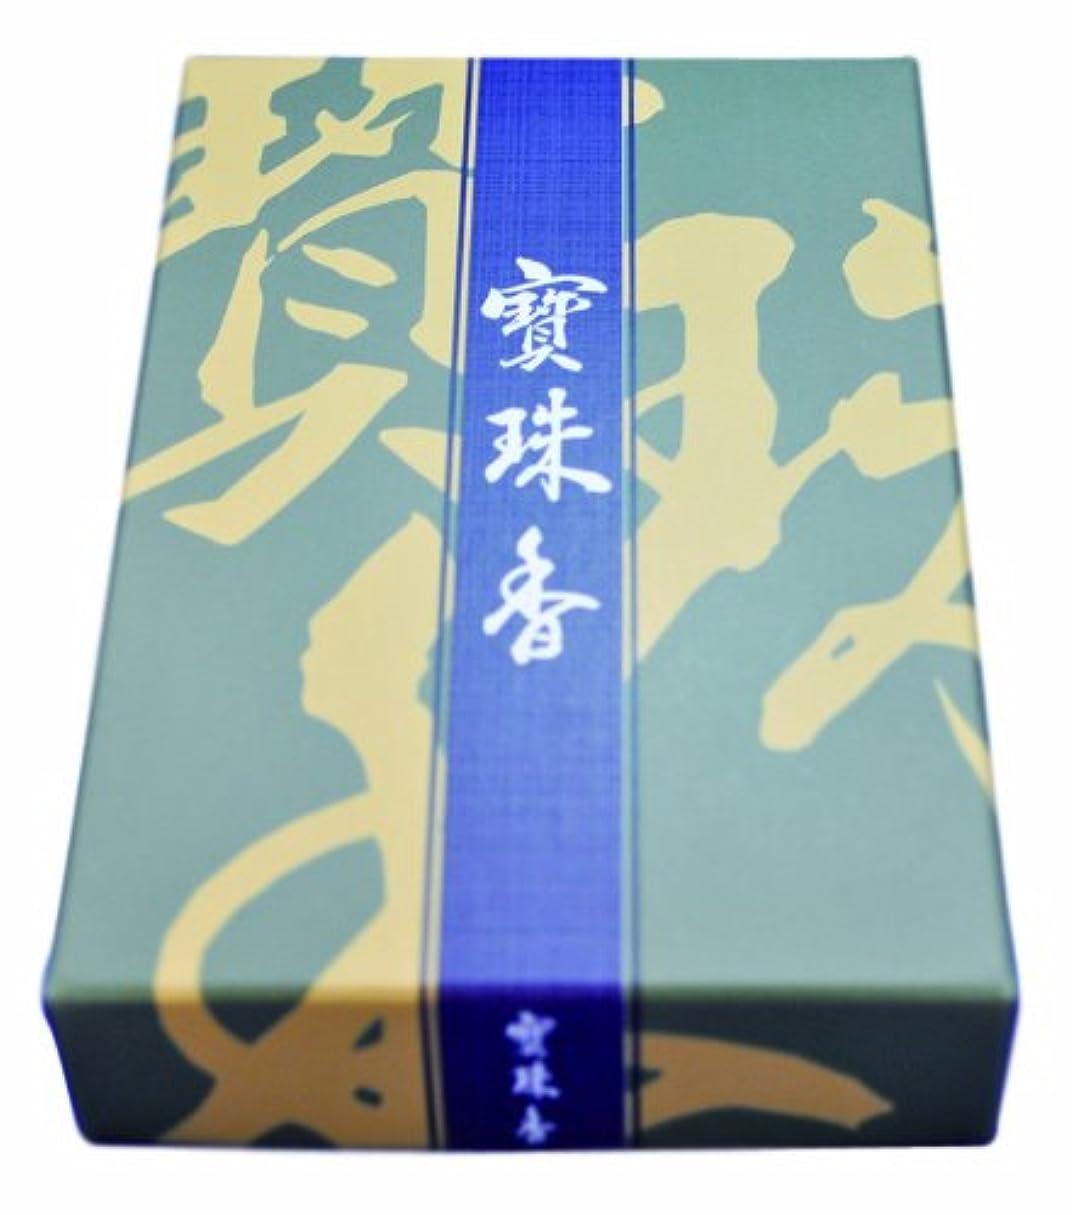 渦倒産鳩お線香 寳珠香 短寸バラ詰 約42g シャム沈香の香り